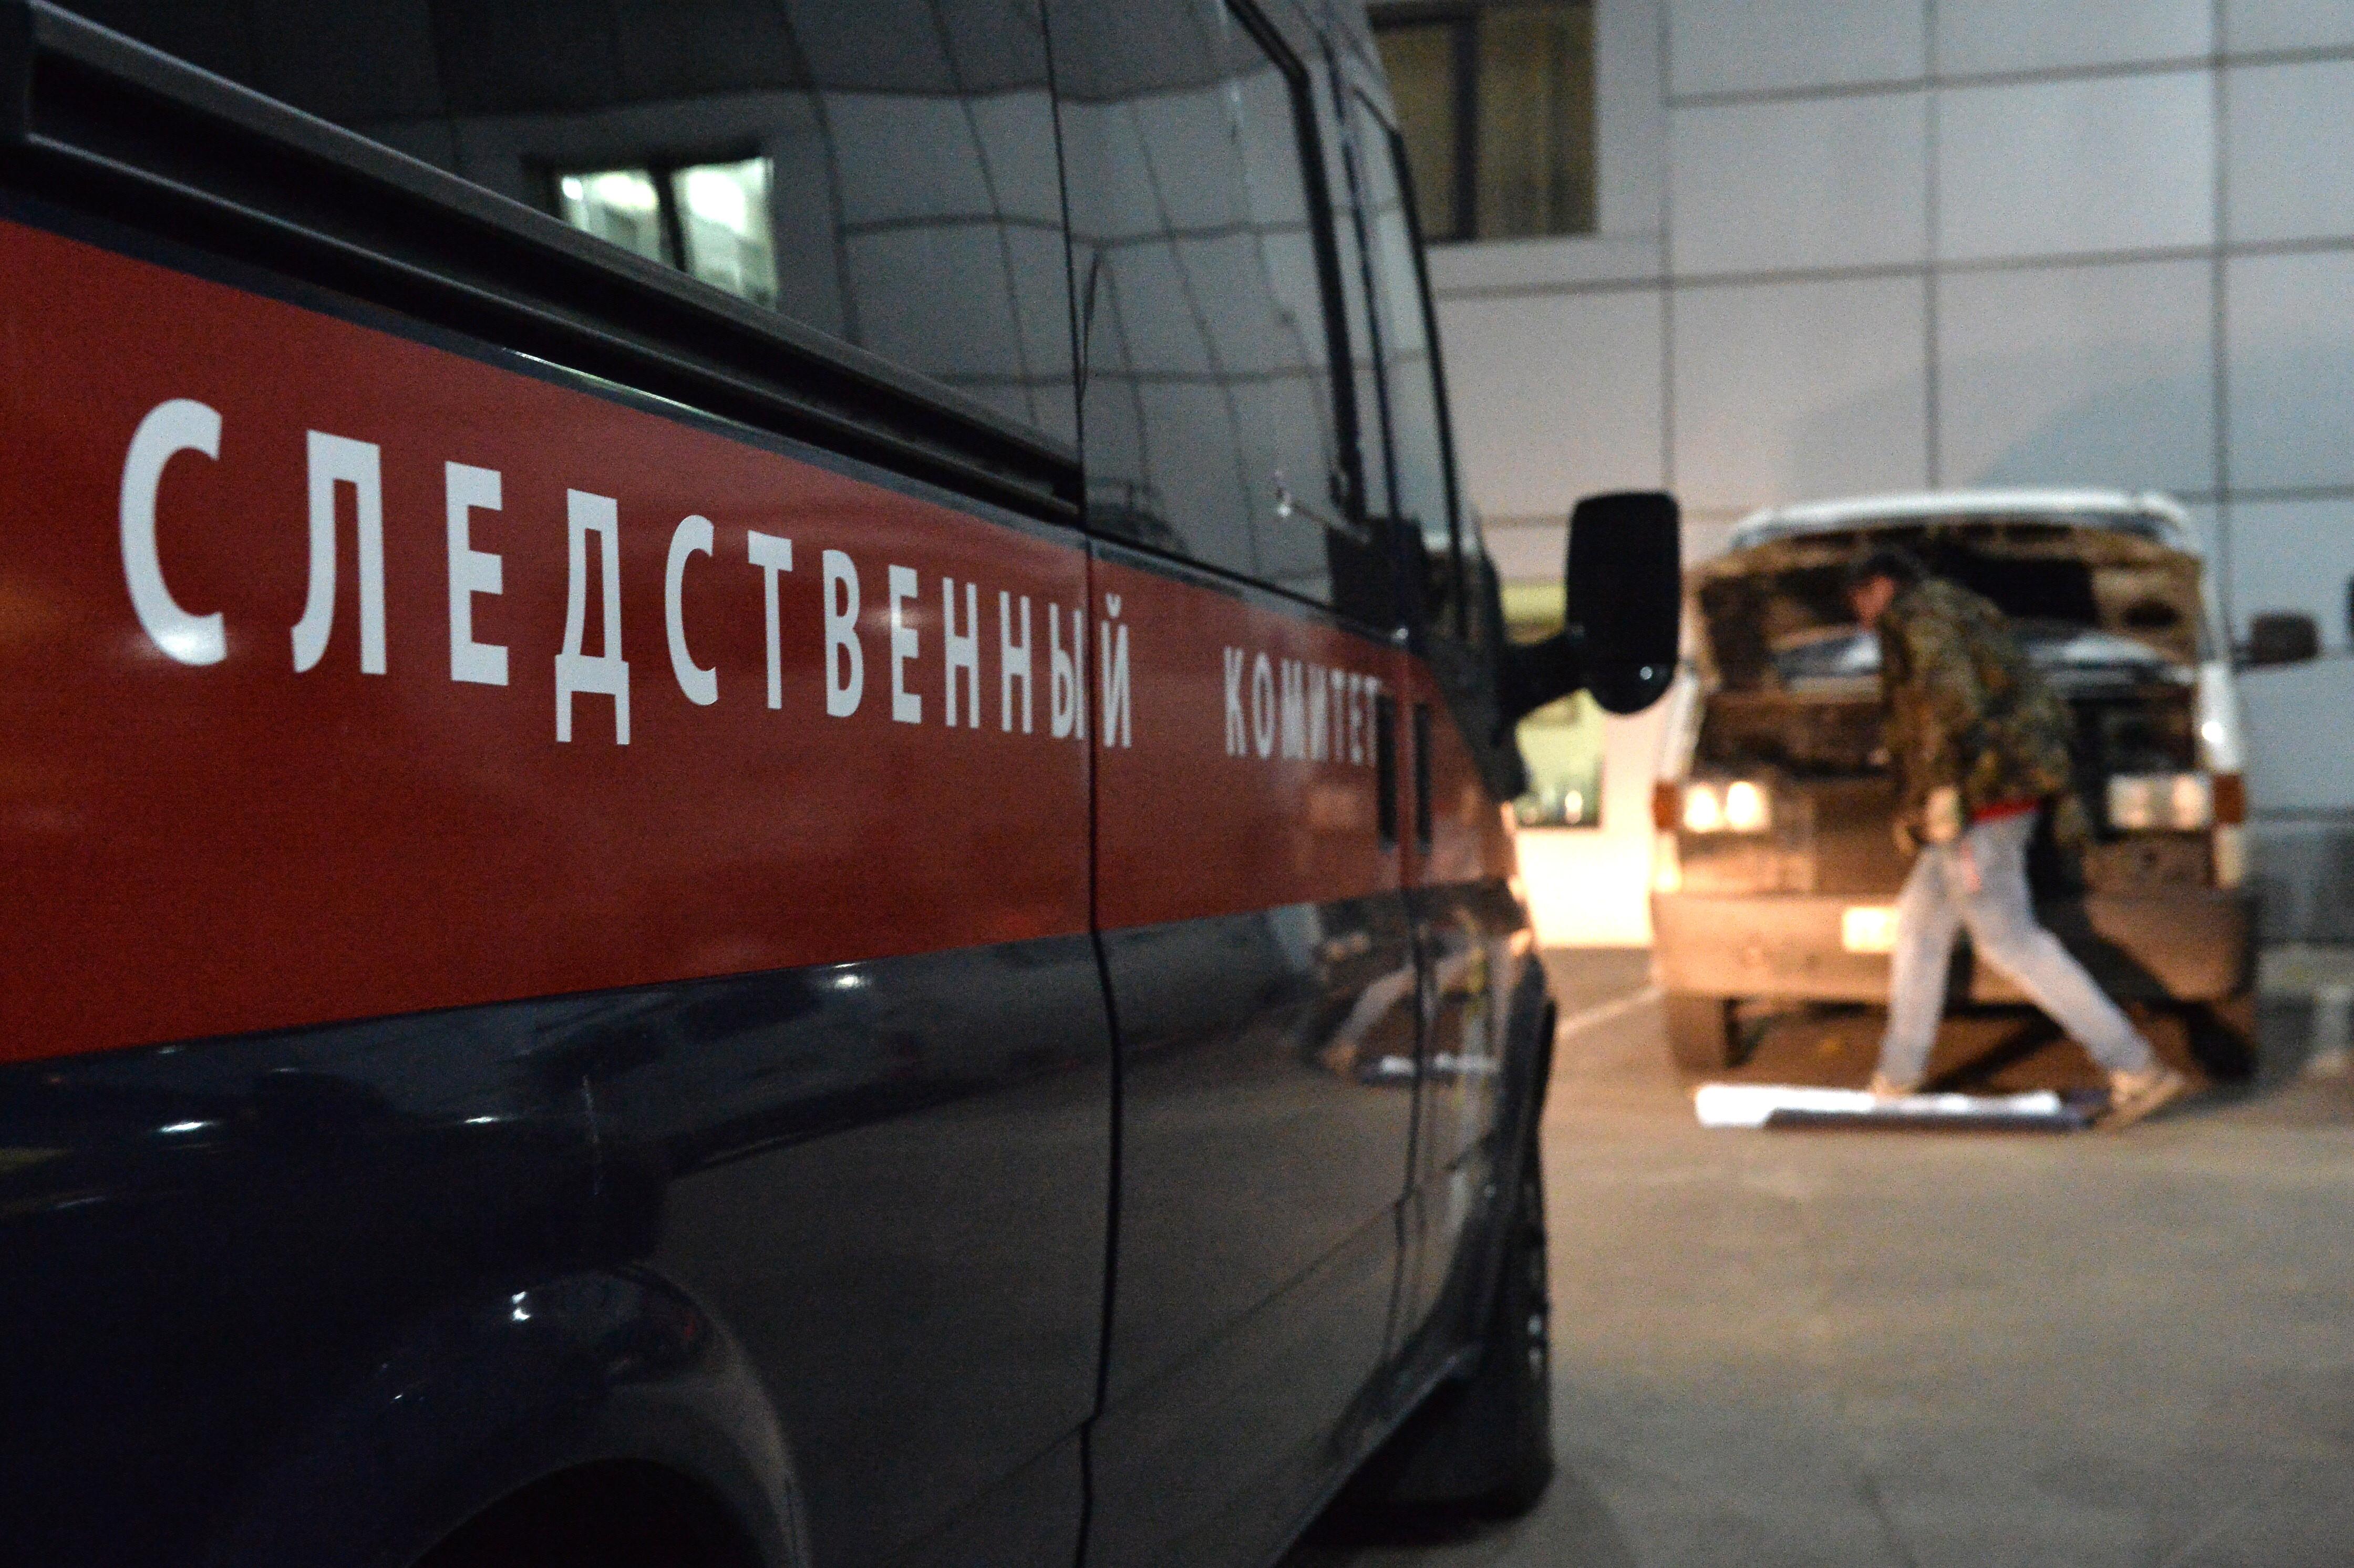 <p>Автомобиль Следственного комитета России. Фото: &copy; РИА Новости/Рамиль Ситдиков</p>